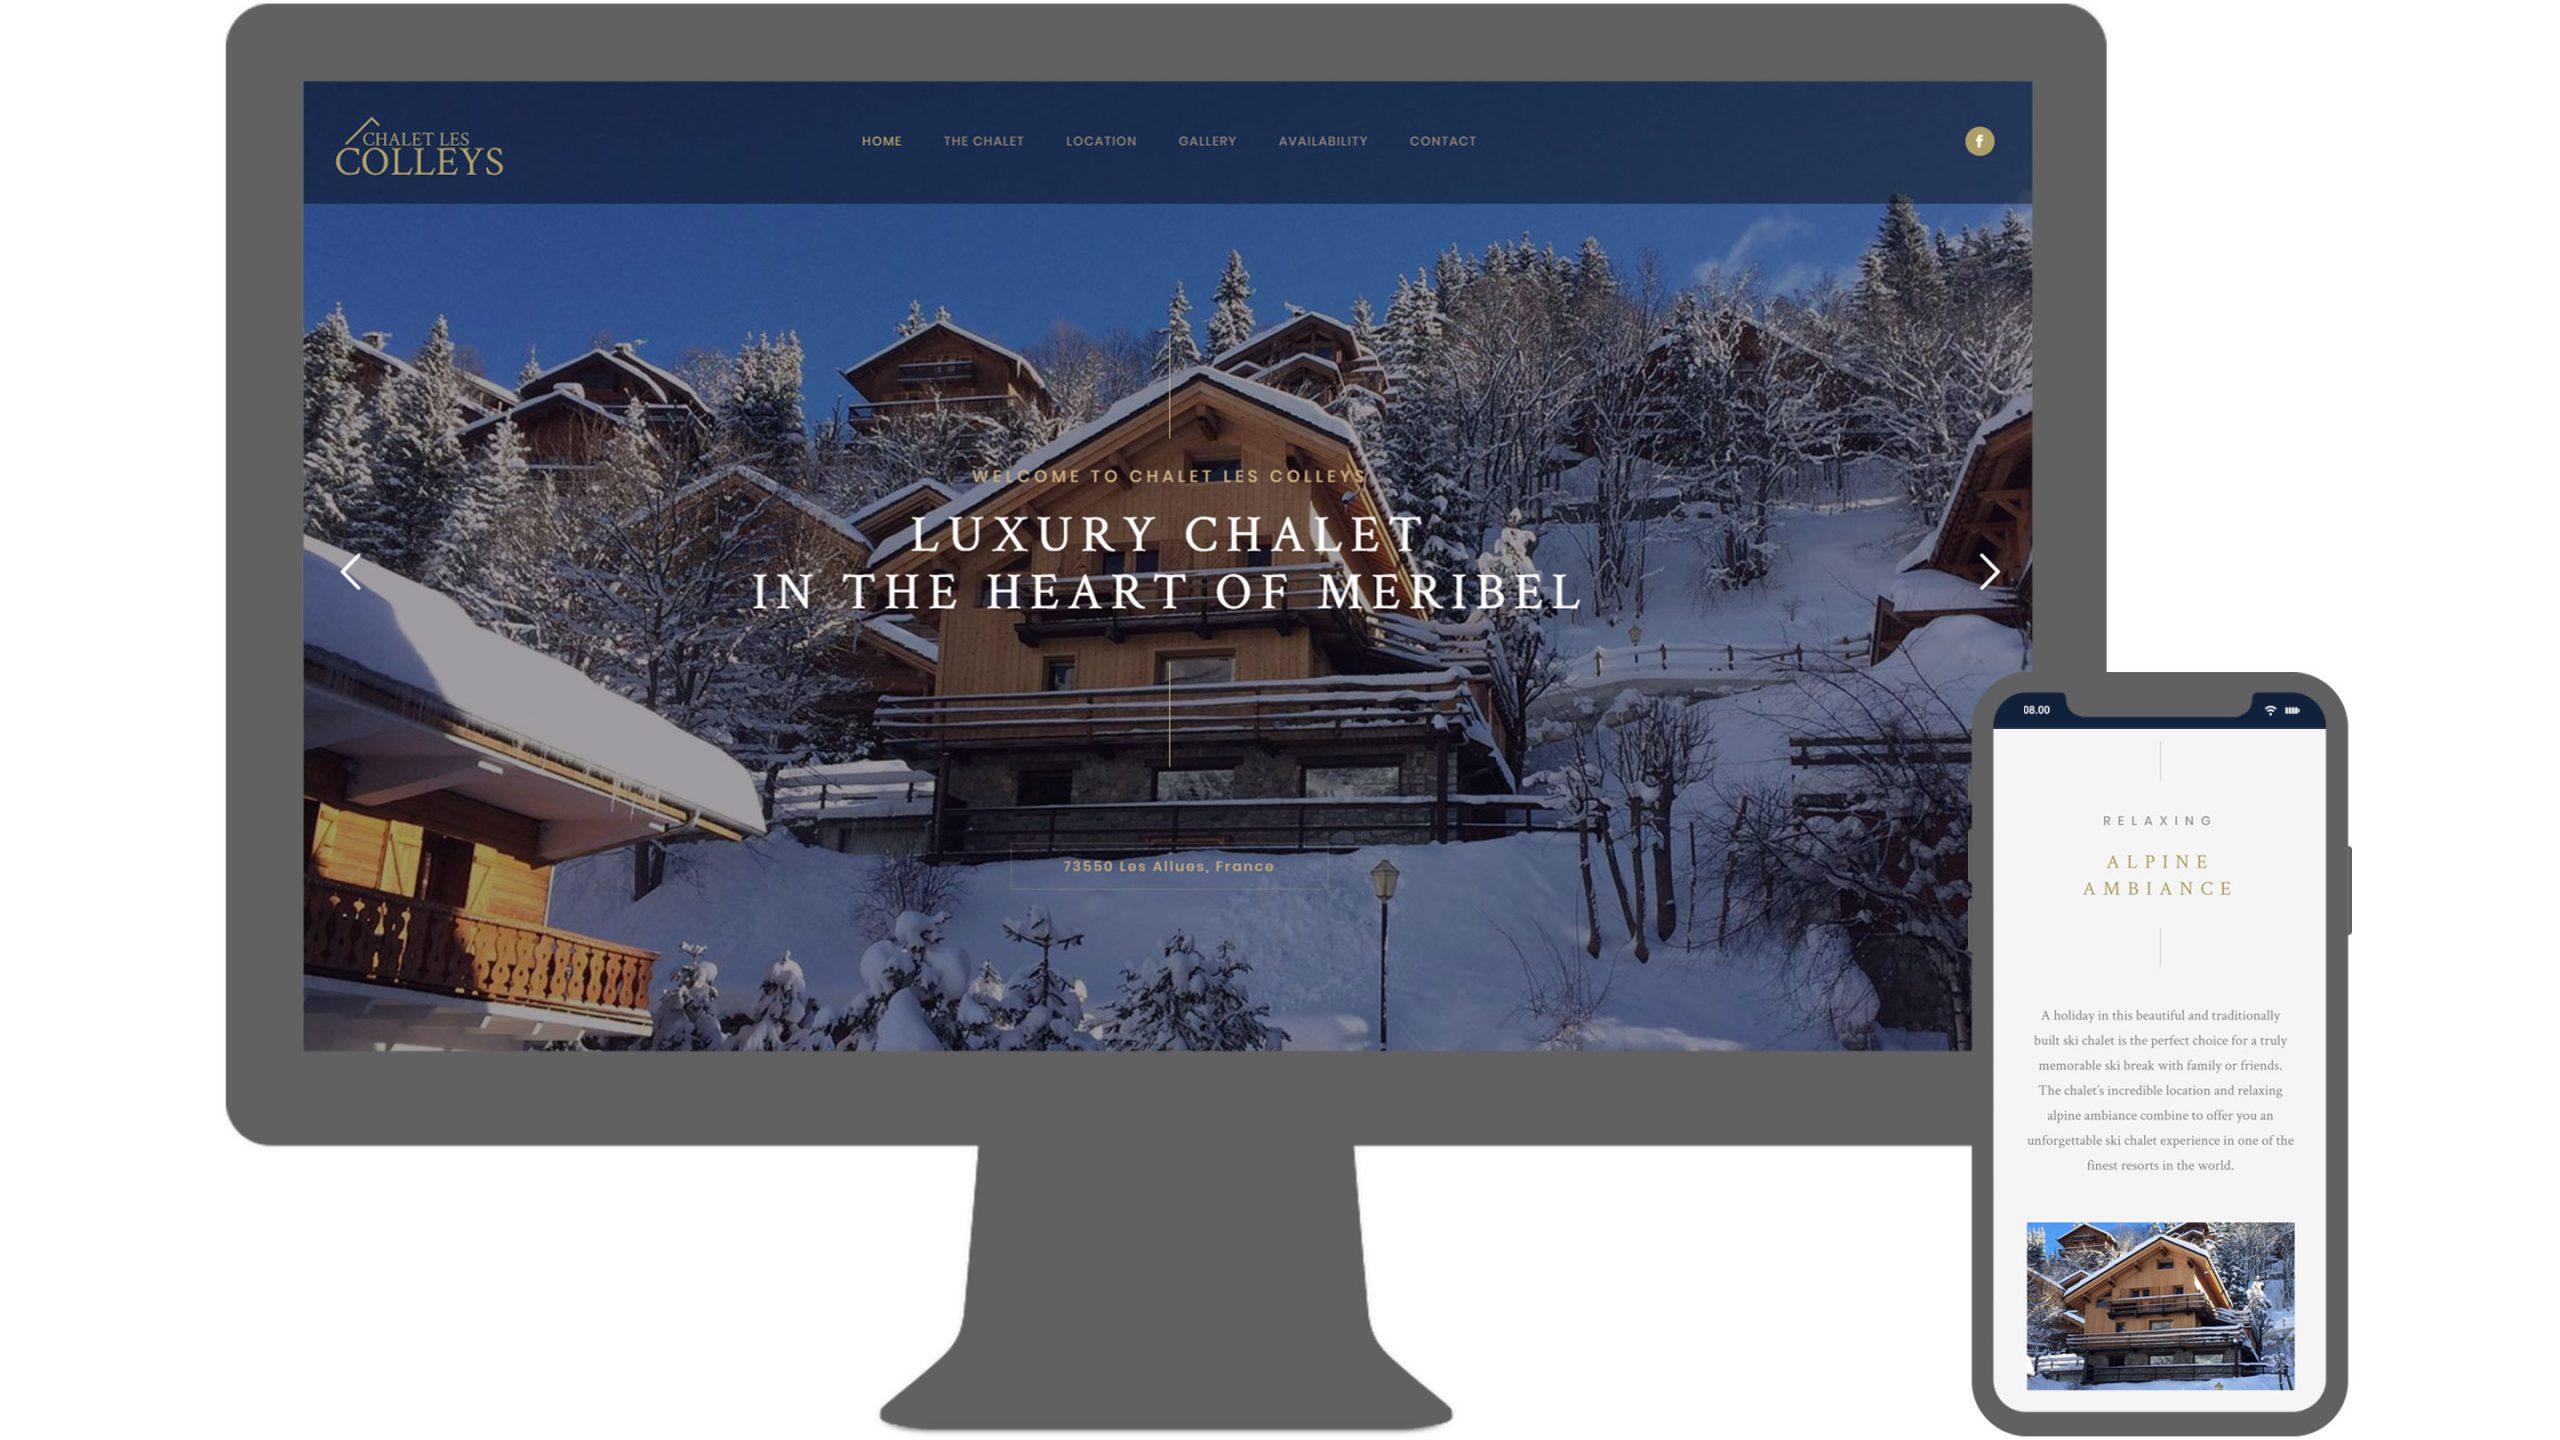 chalet in meribel website desktop and mobile